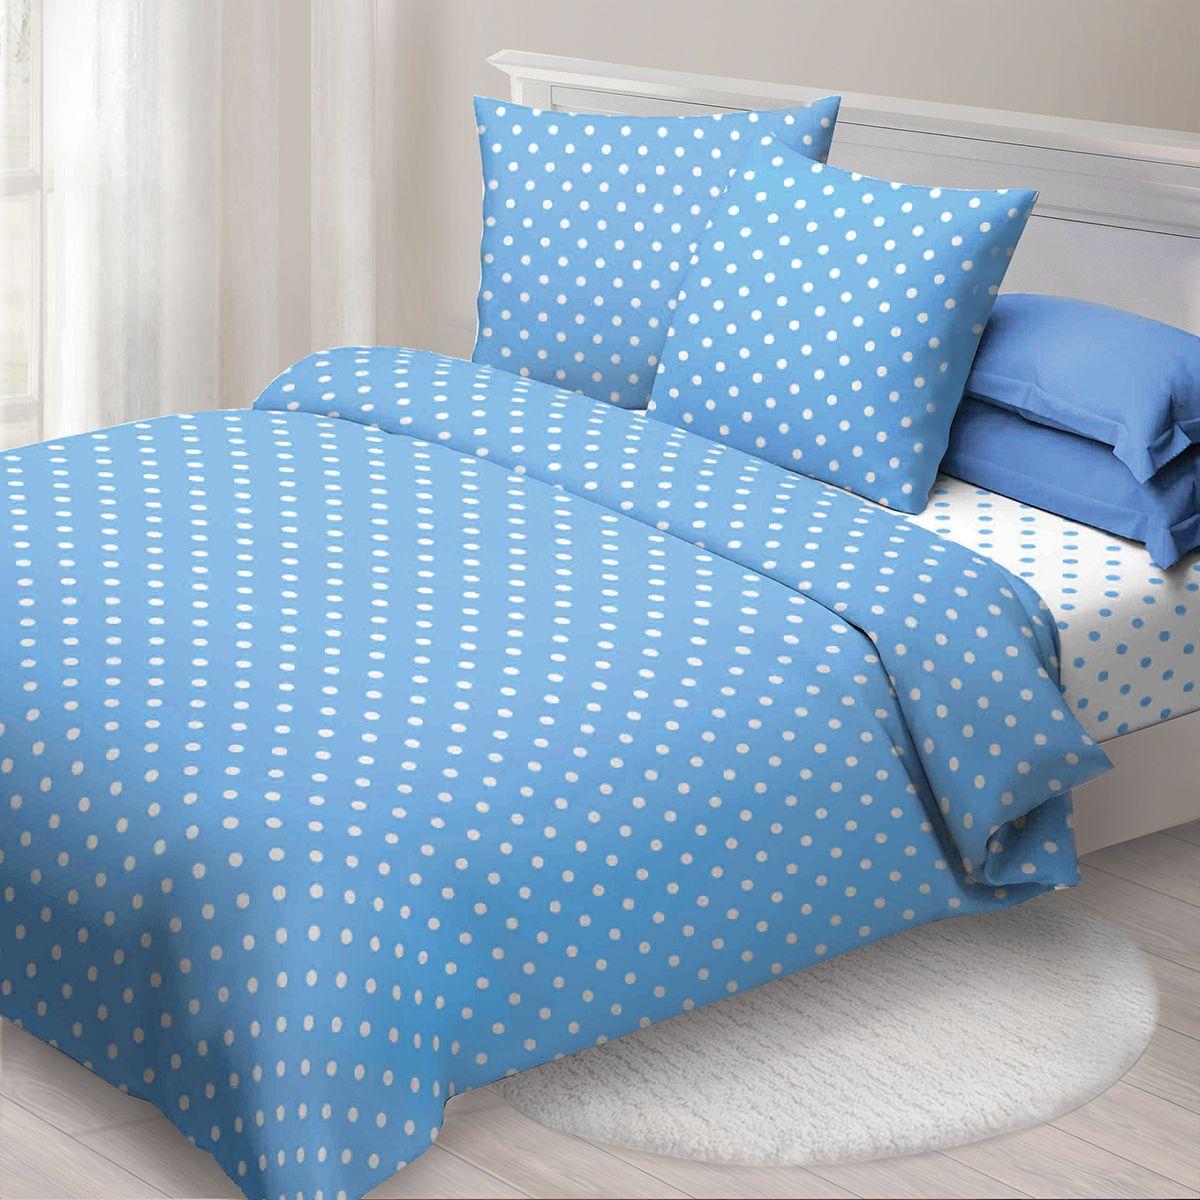 Комплект белья Спал Спалыч Бетти , 1,5 спальное, наволочки 70x70, цвет: голубой. 4080-282438